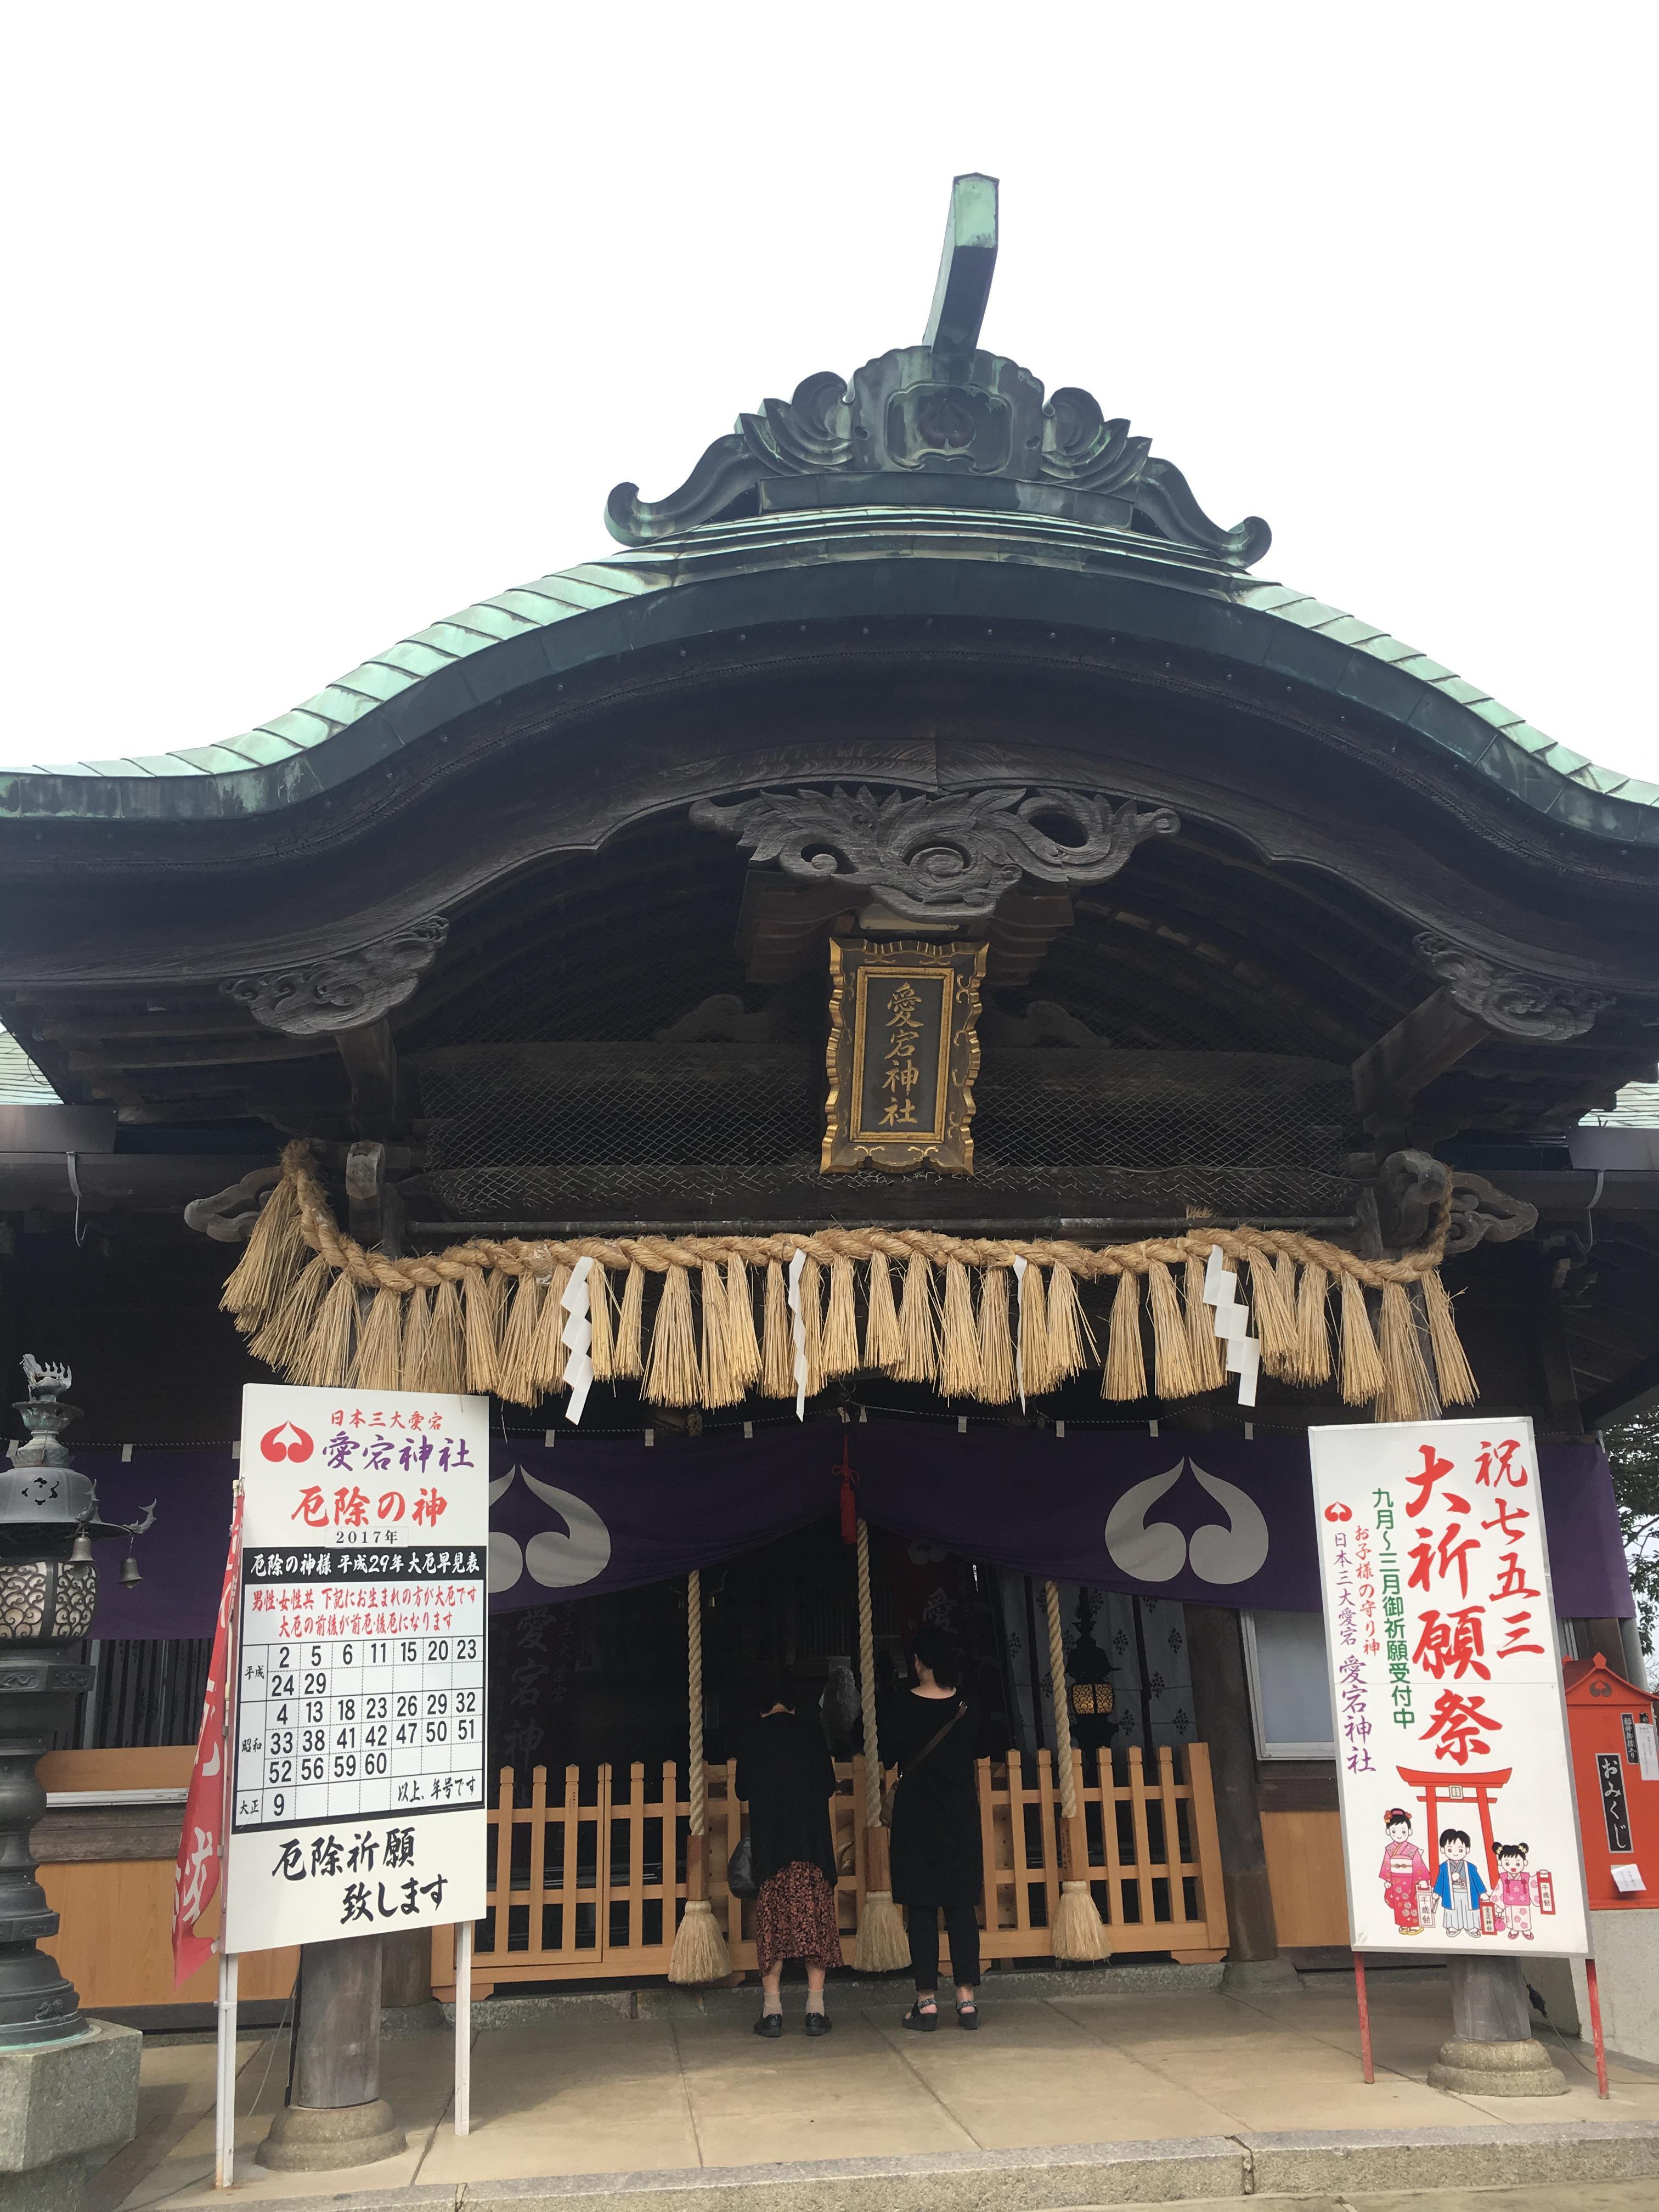 鷲尾愛宕神社の本殿